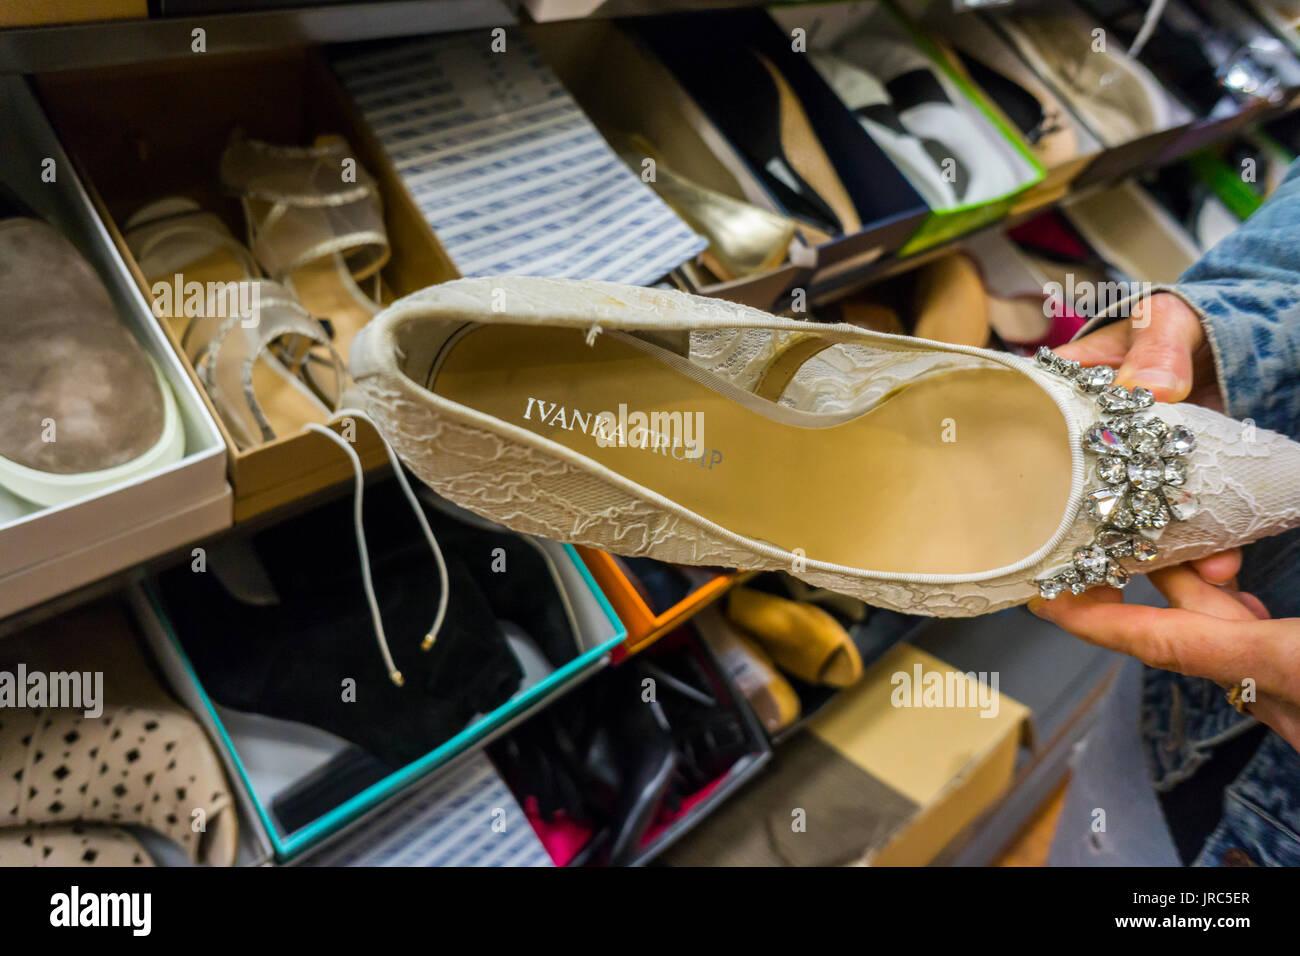 Eine Shopper bewundert Ivanka Trump Designer-Schuhe in einem off Händler Abstand Abteilung in New York auf Stockbild